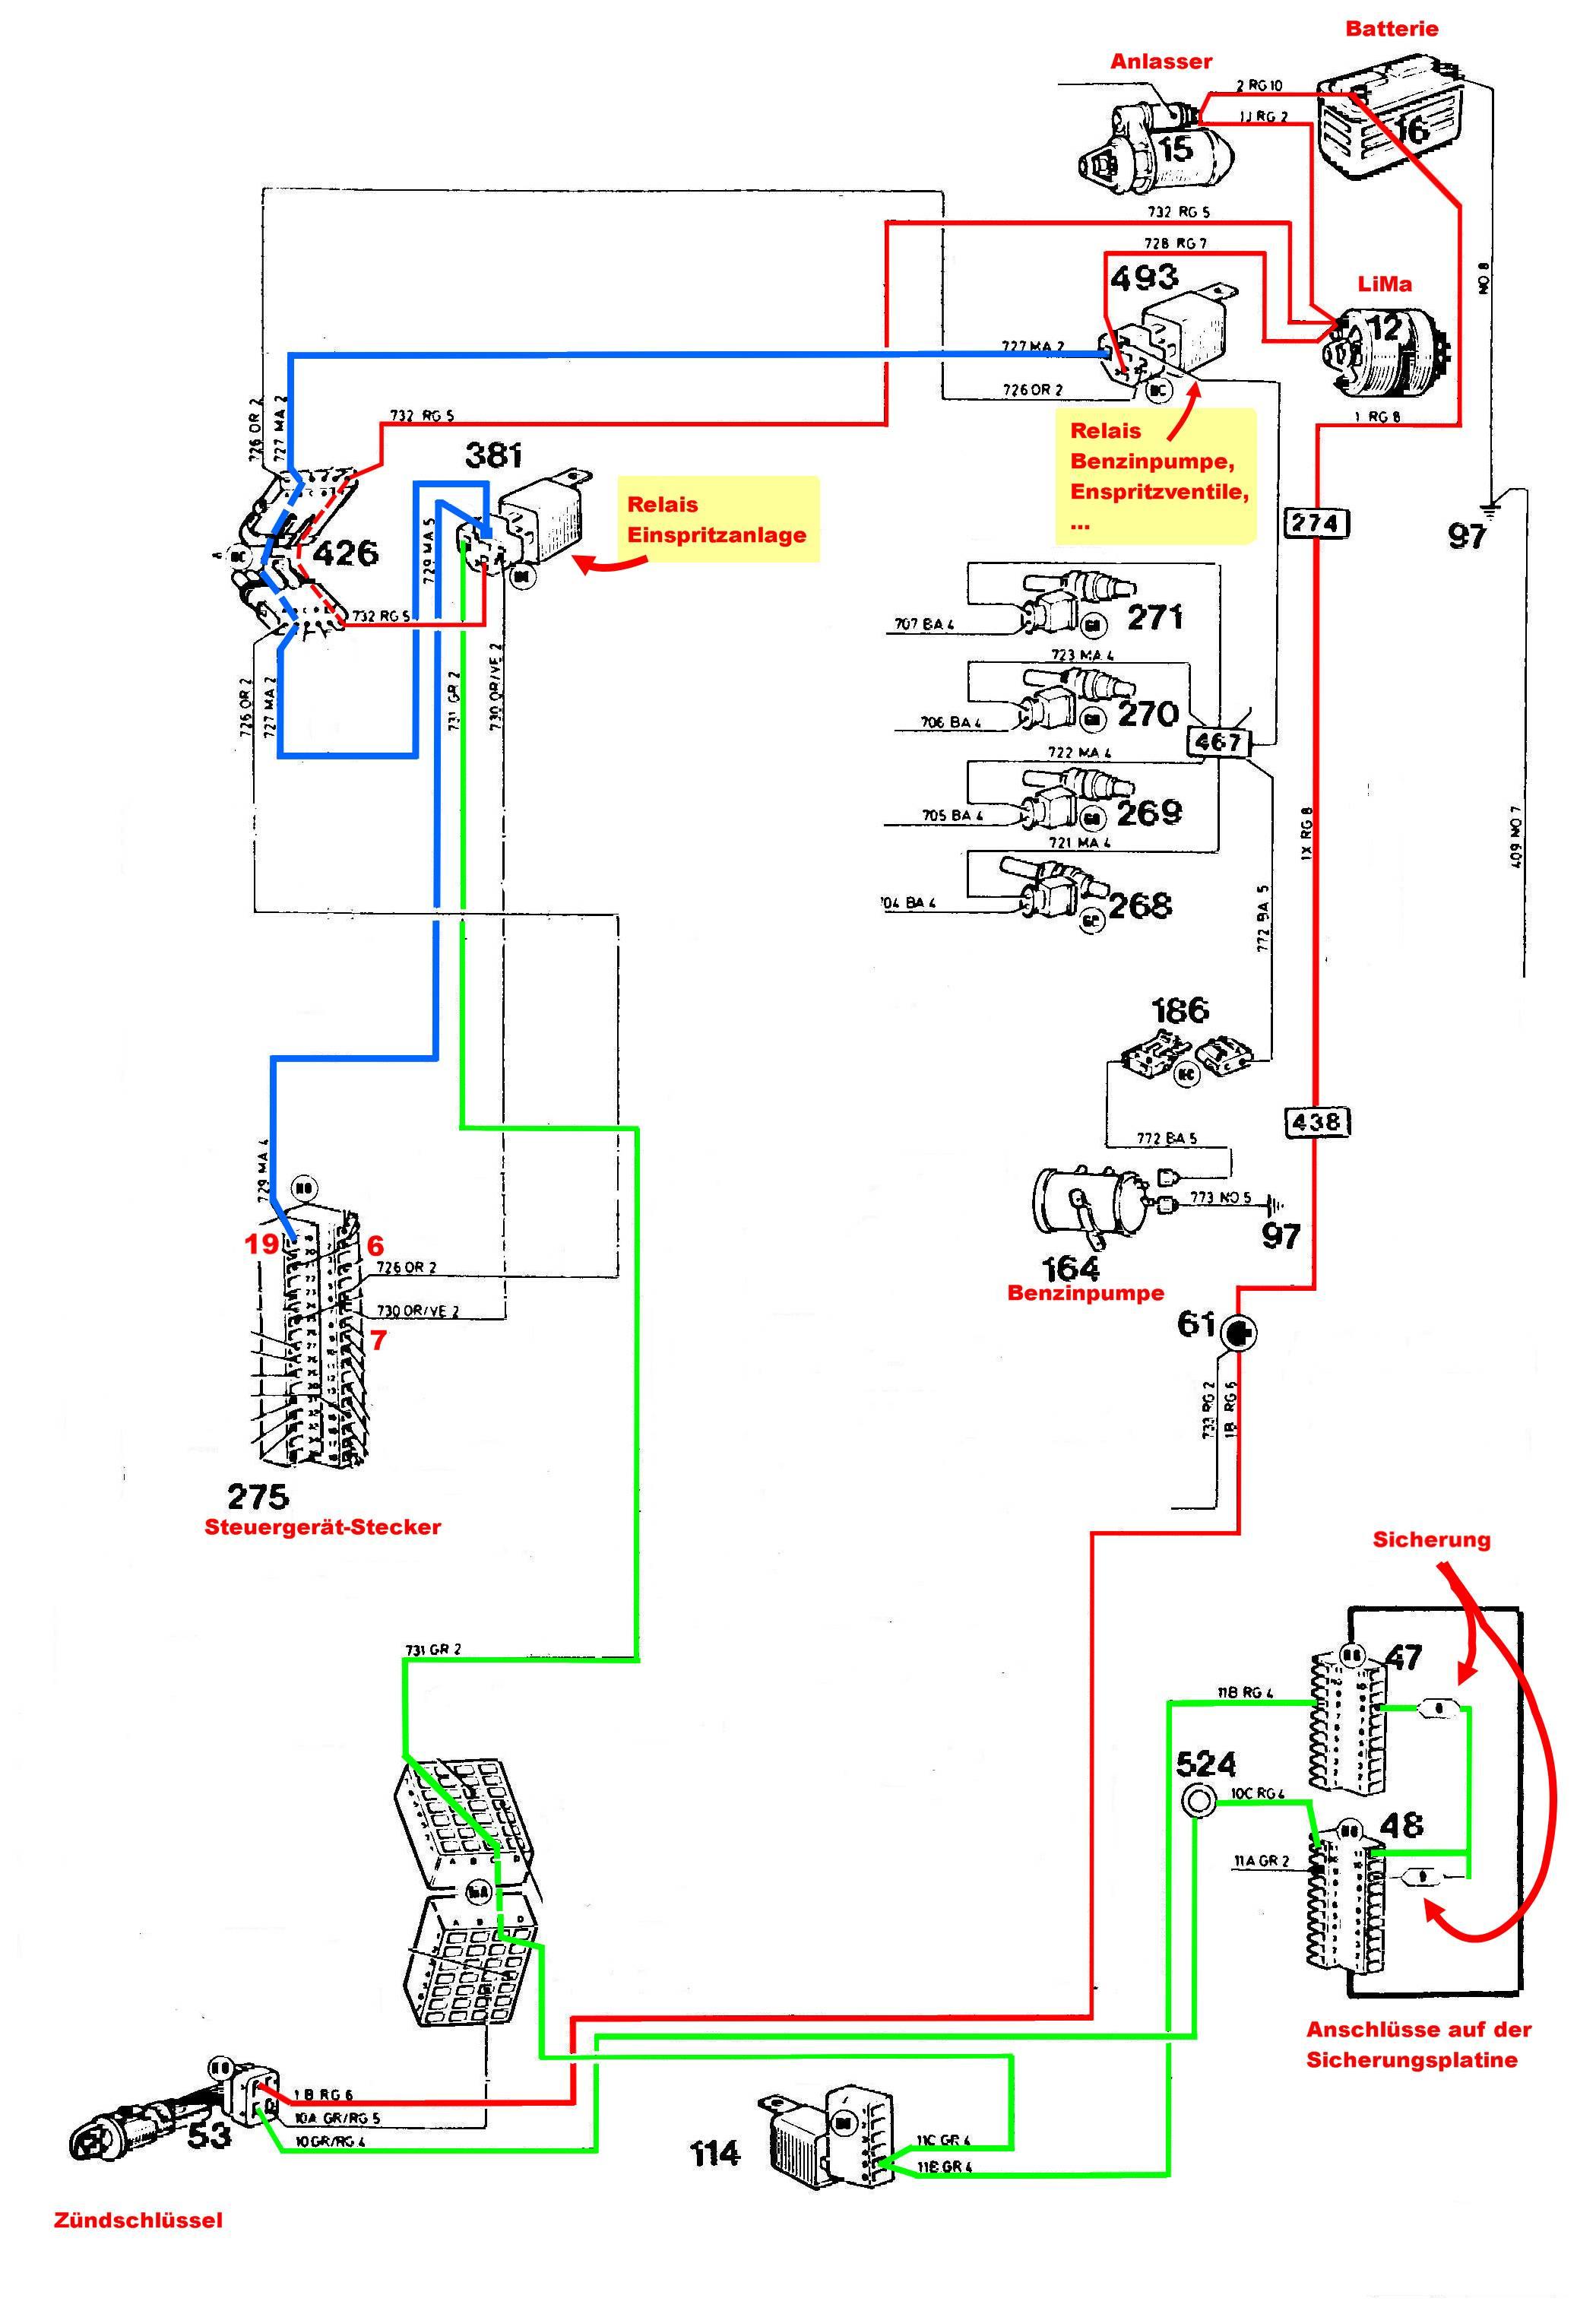 Stromlaufplan Renault Kangoo